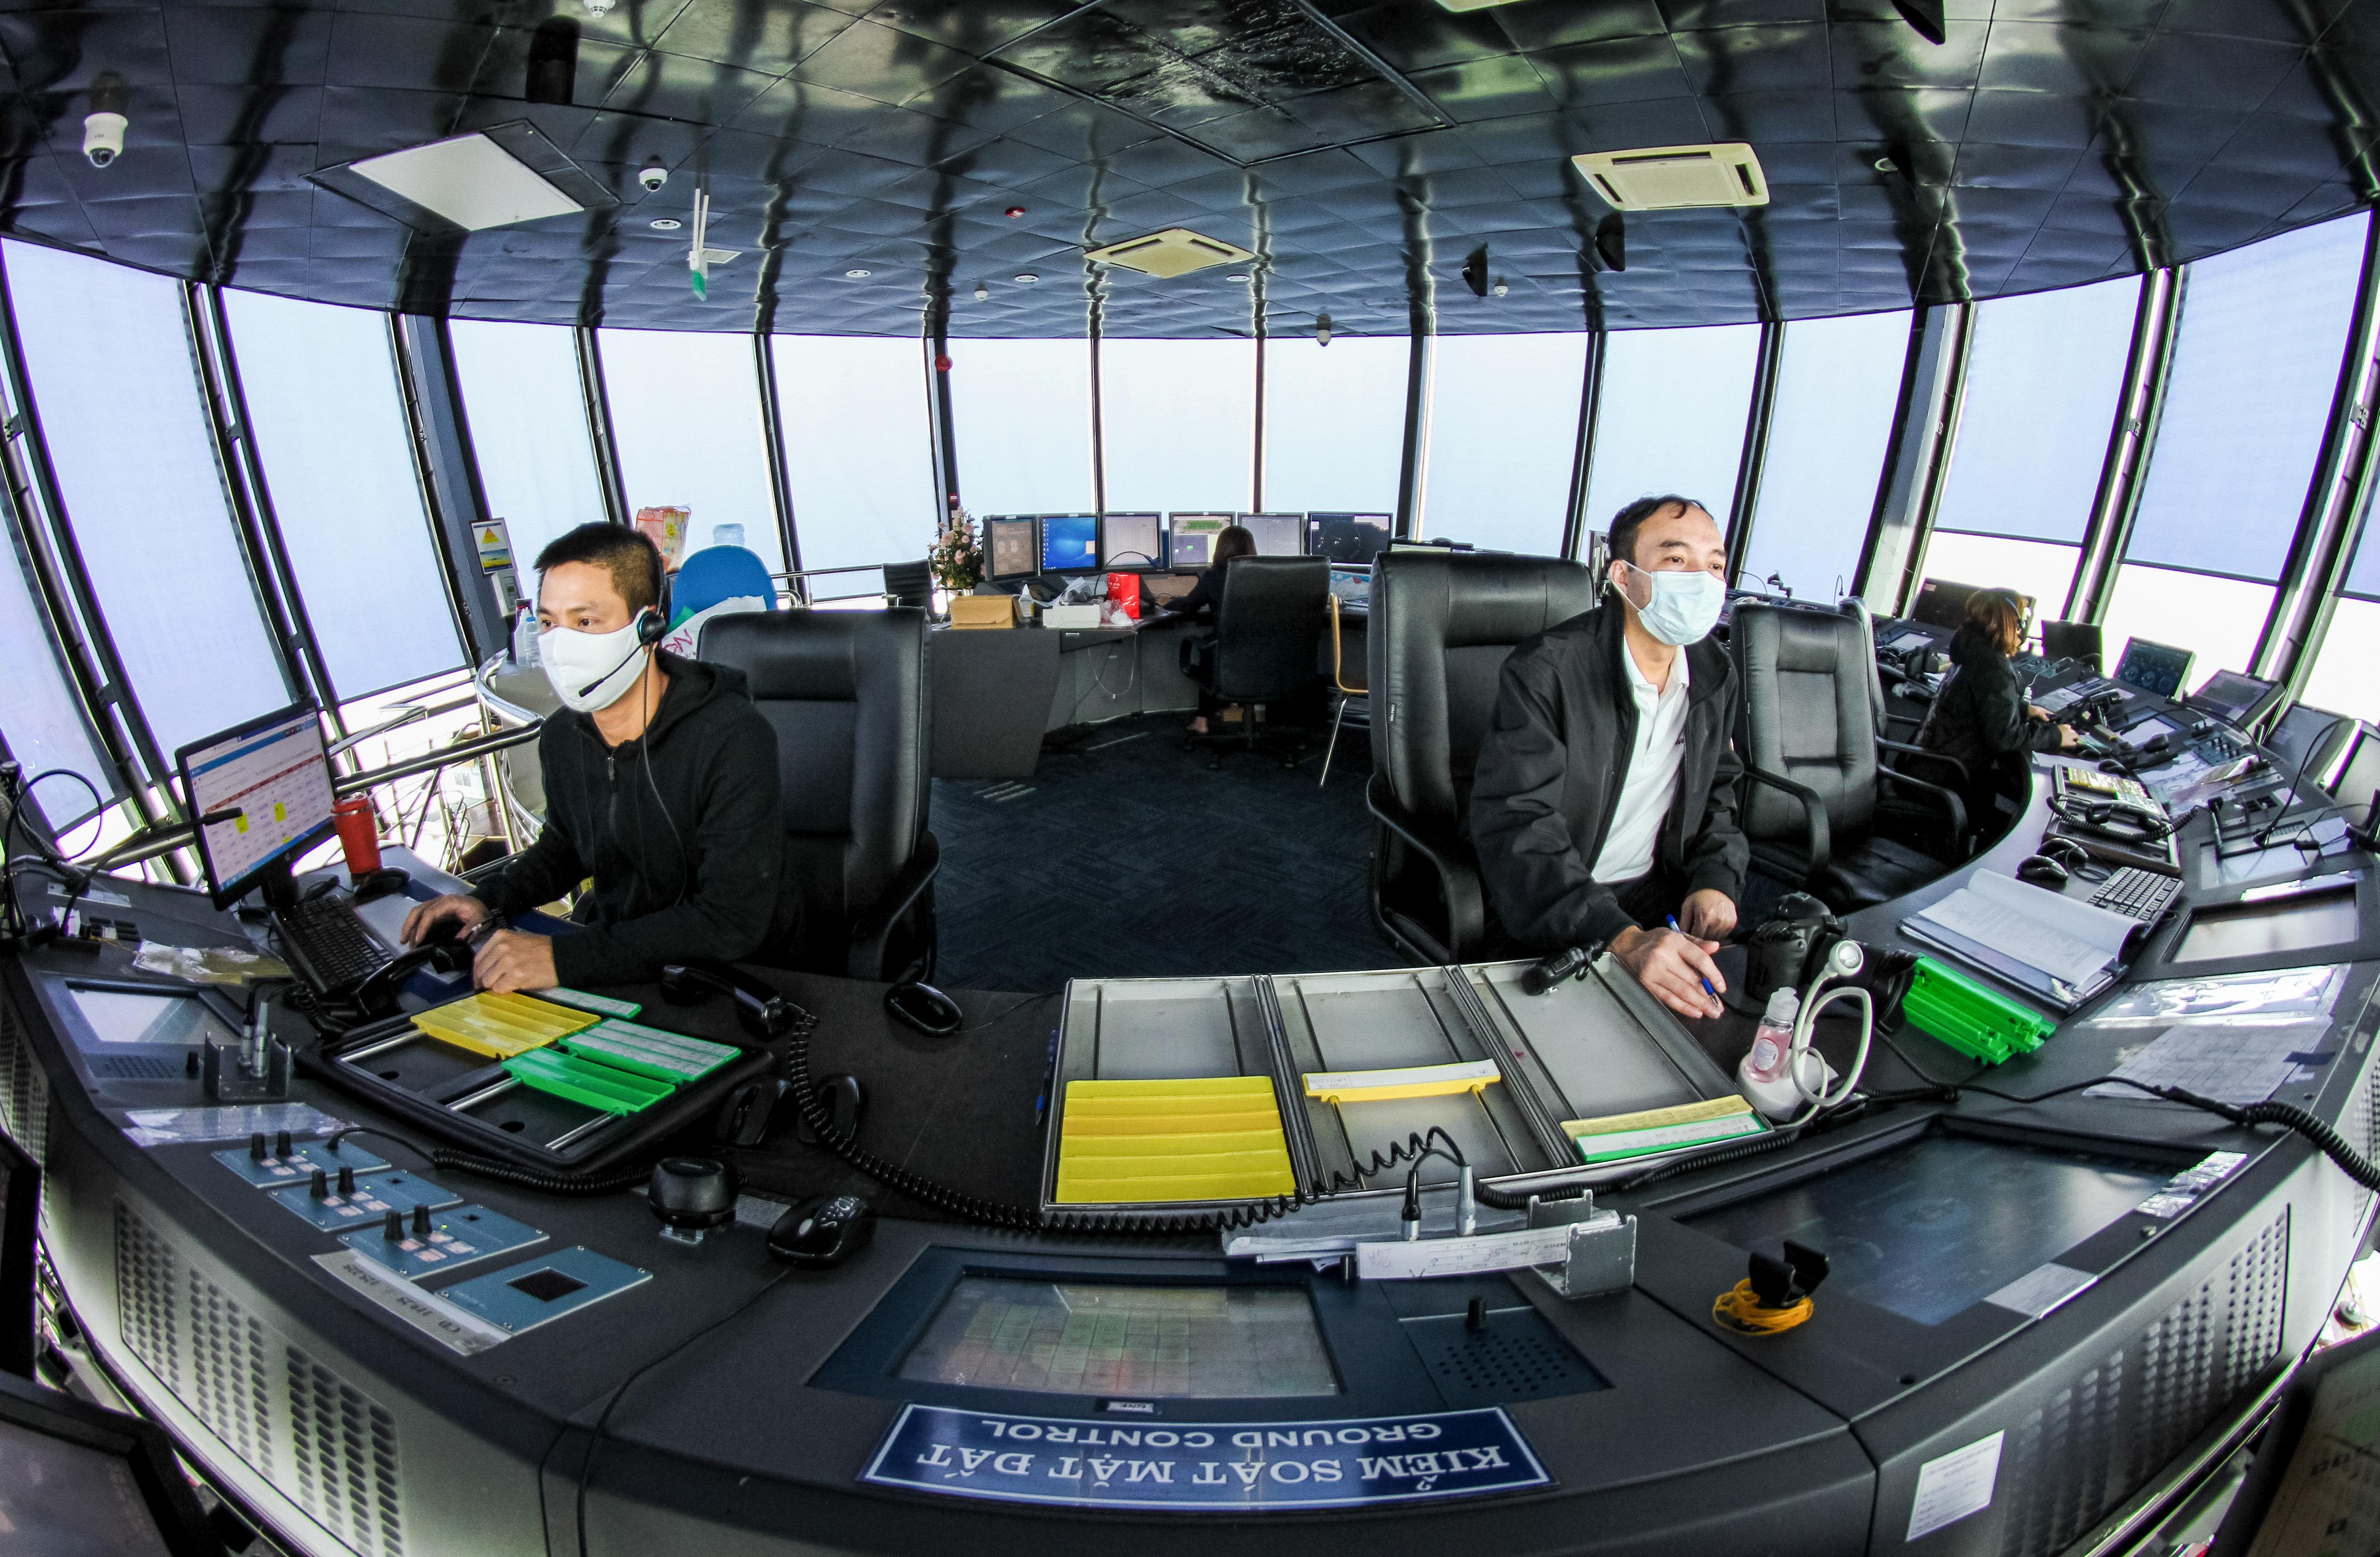 VATM cung cấp dịch vụ bảo đảm hoạt động bay an toàn, thông suốt dịp Tết Nguyên đán Tân Sửu